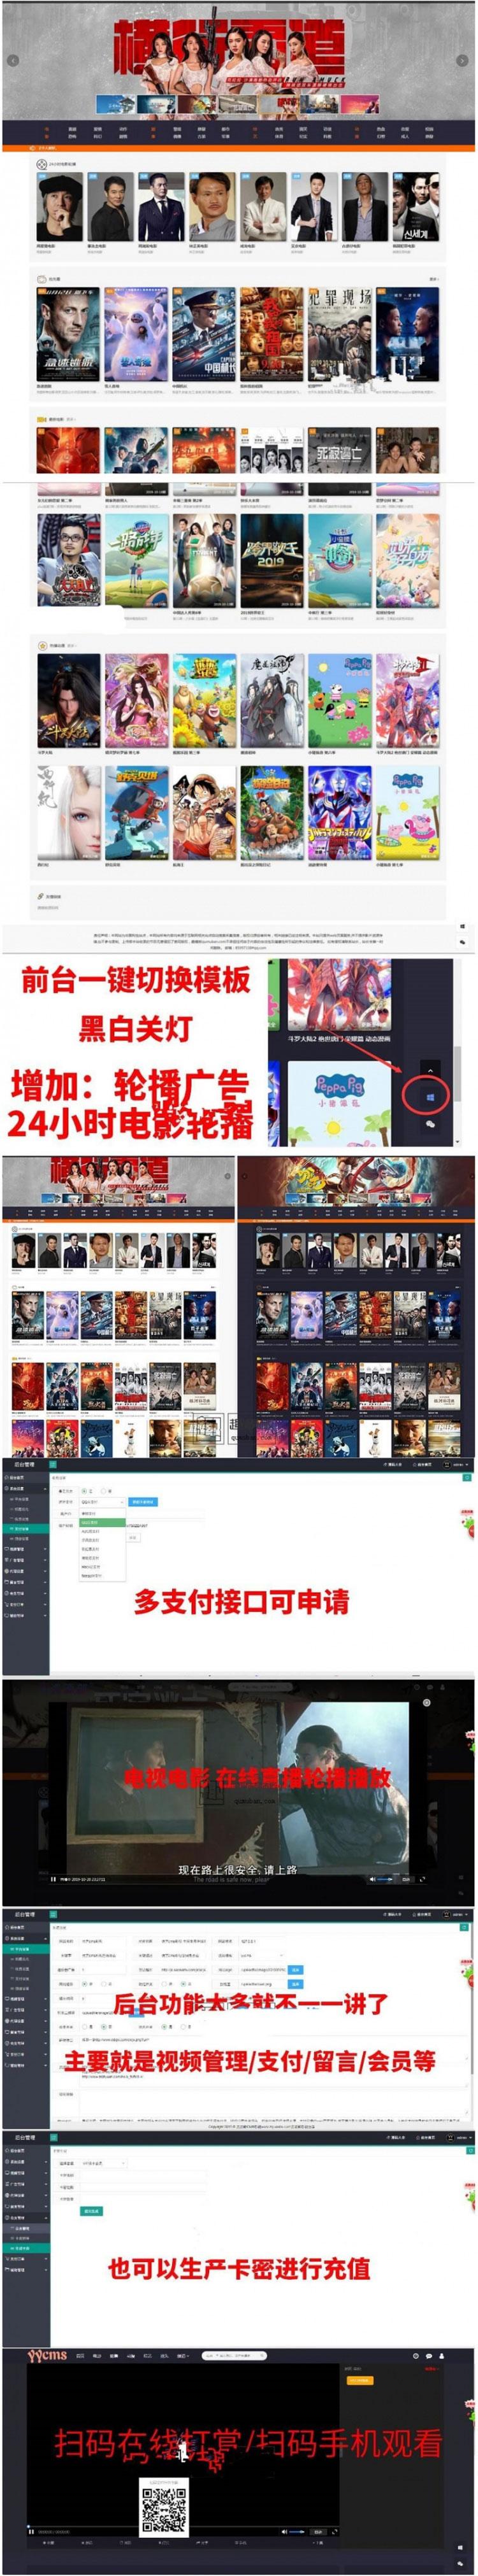 PHP影视源码带直播视频+免签充值+打赏电影引流